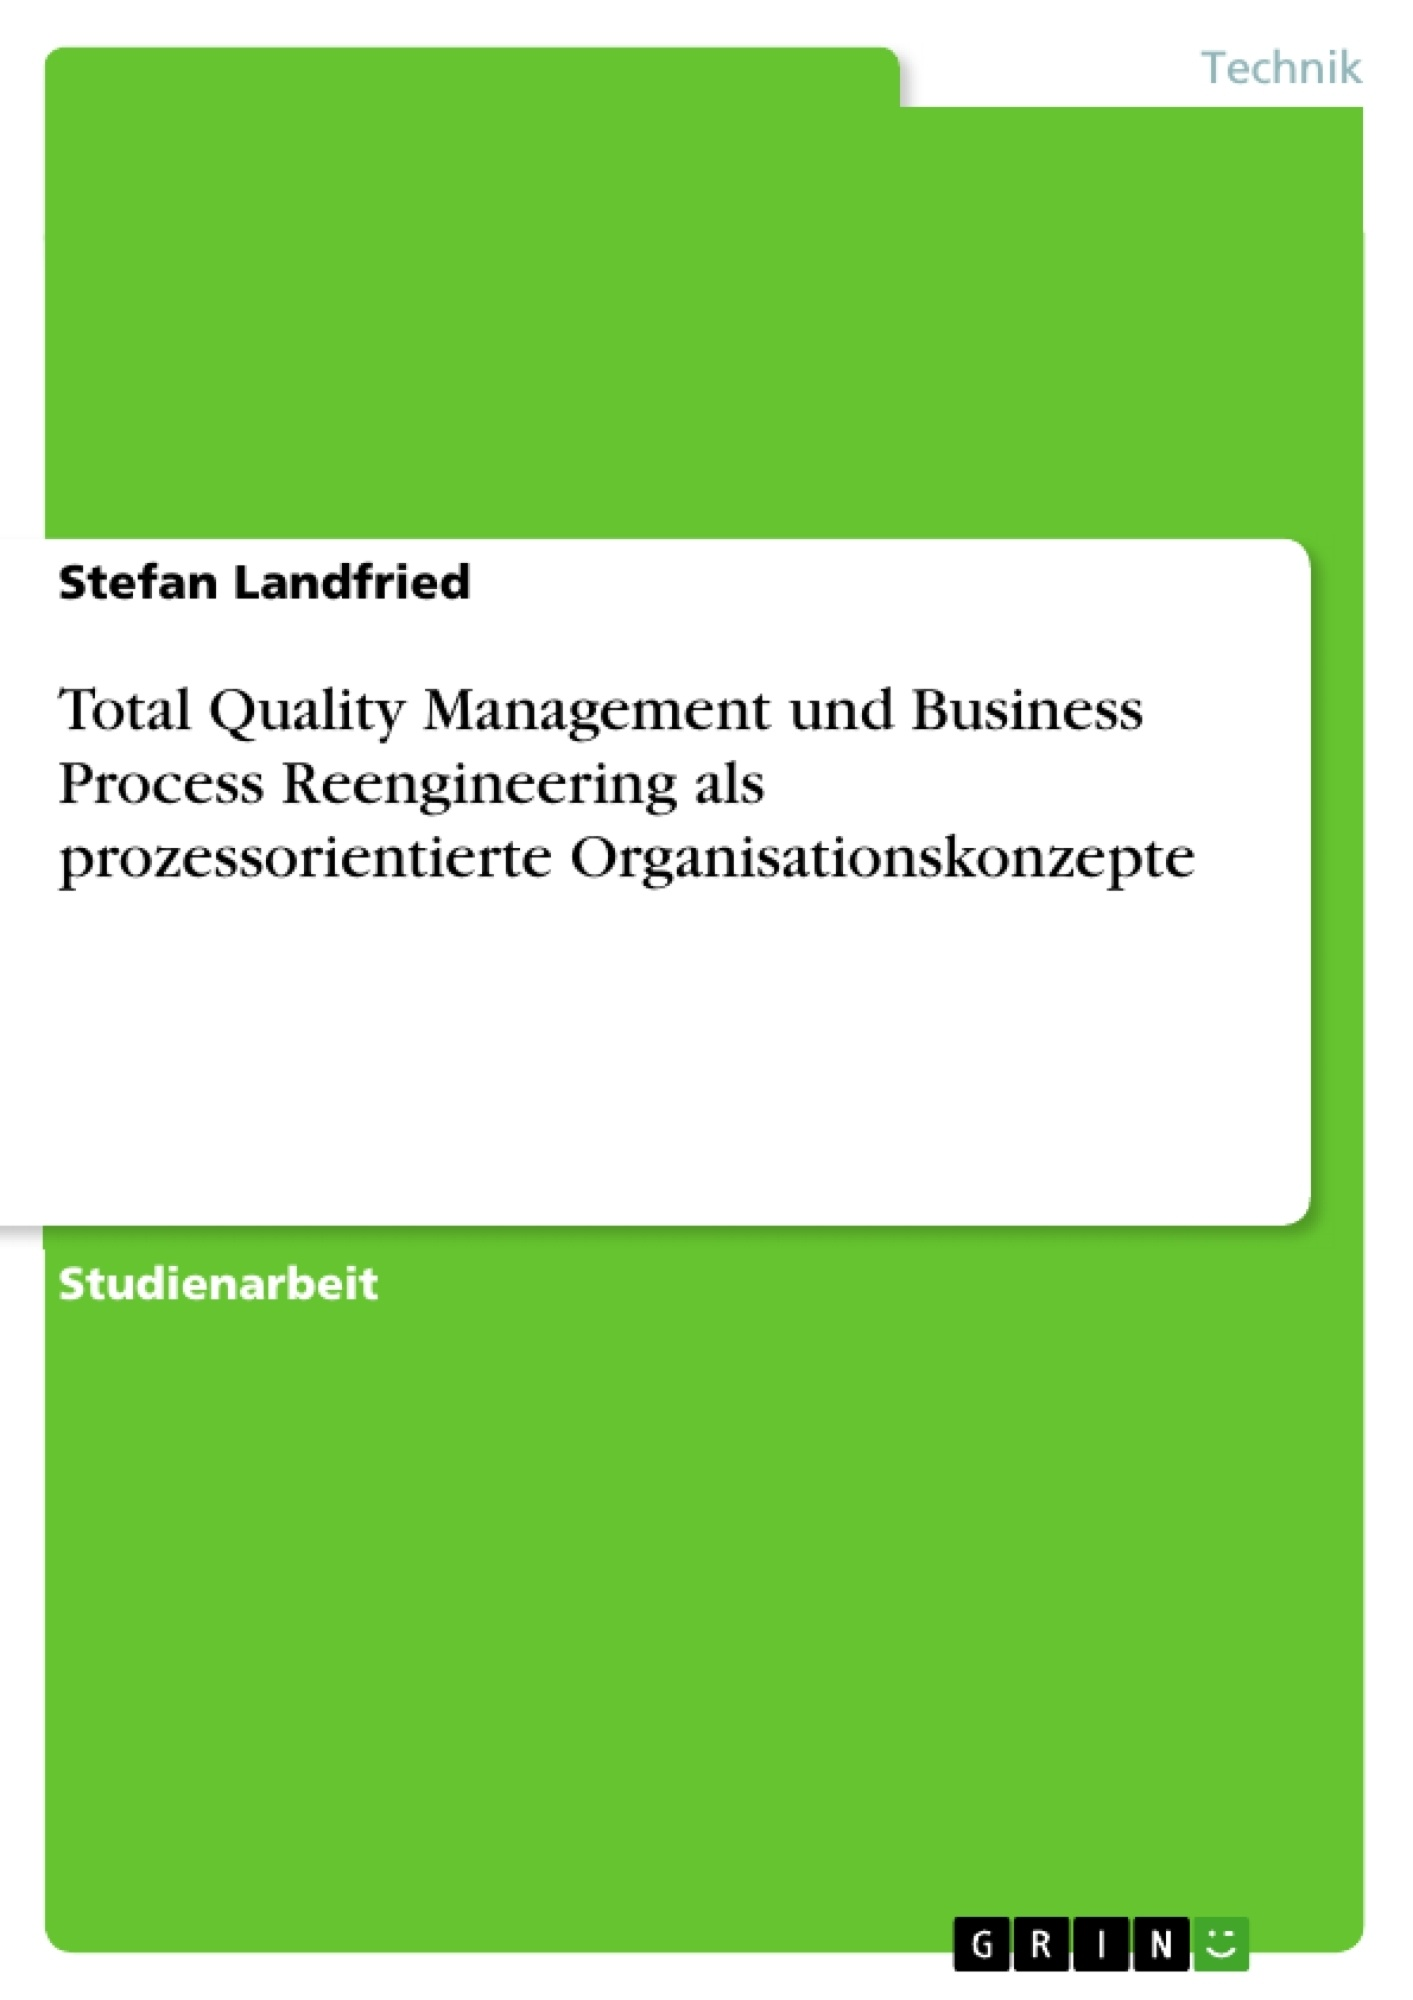 Titel: Total Quality Management und Business Process Reengineering als prozessorientierte Organisationskonzepte